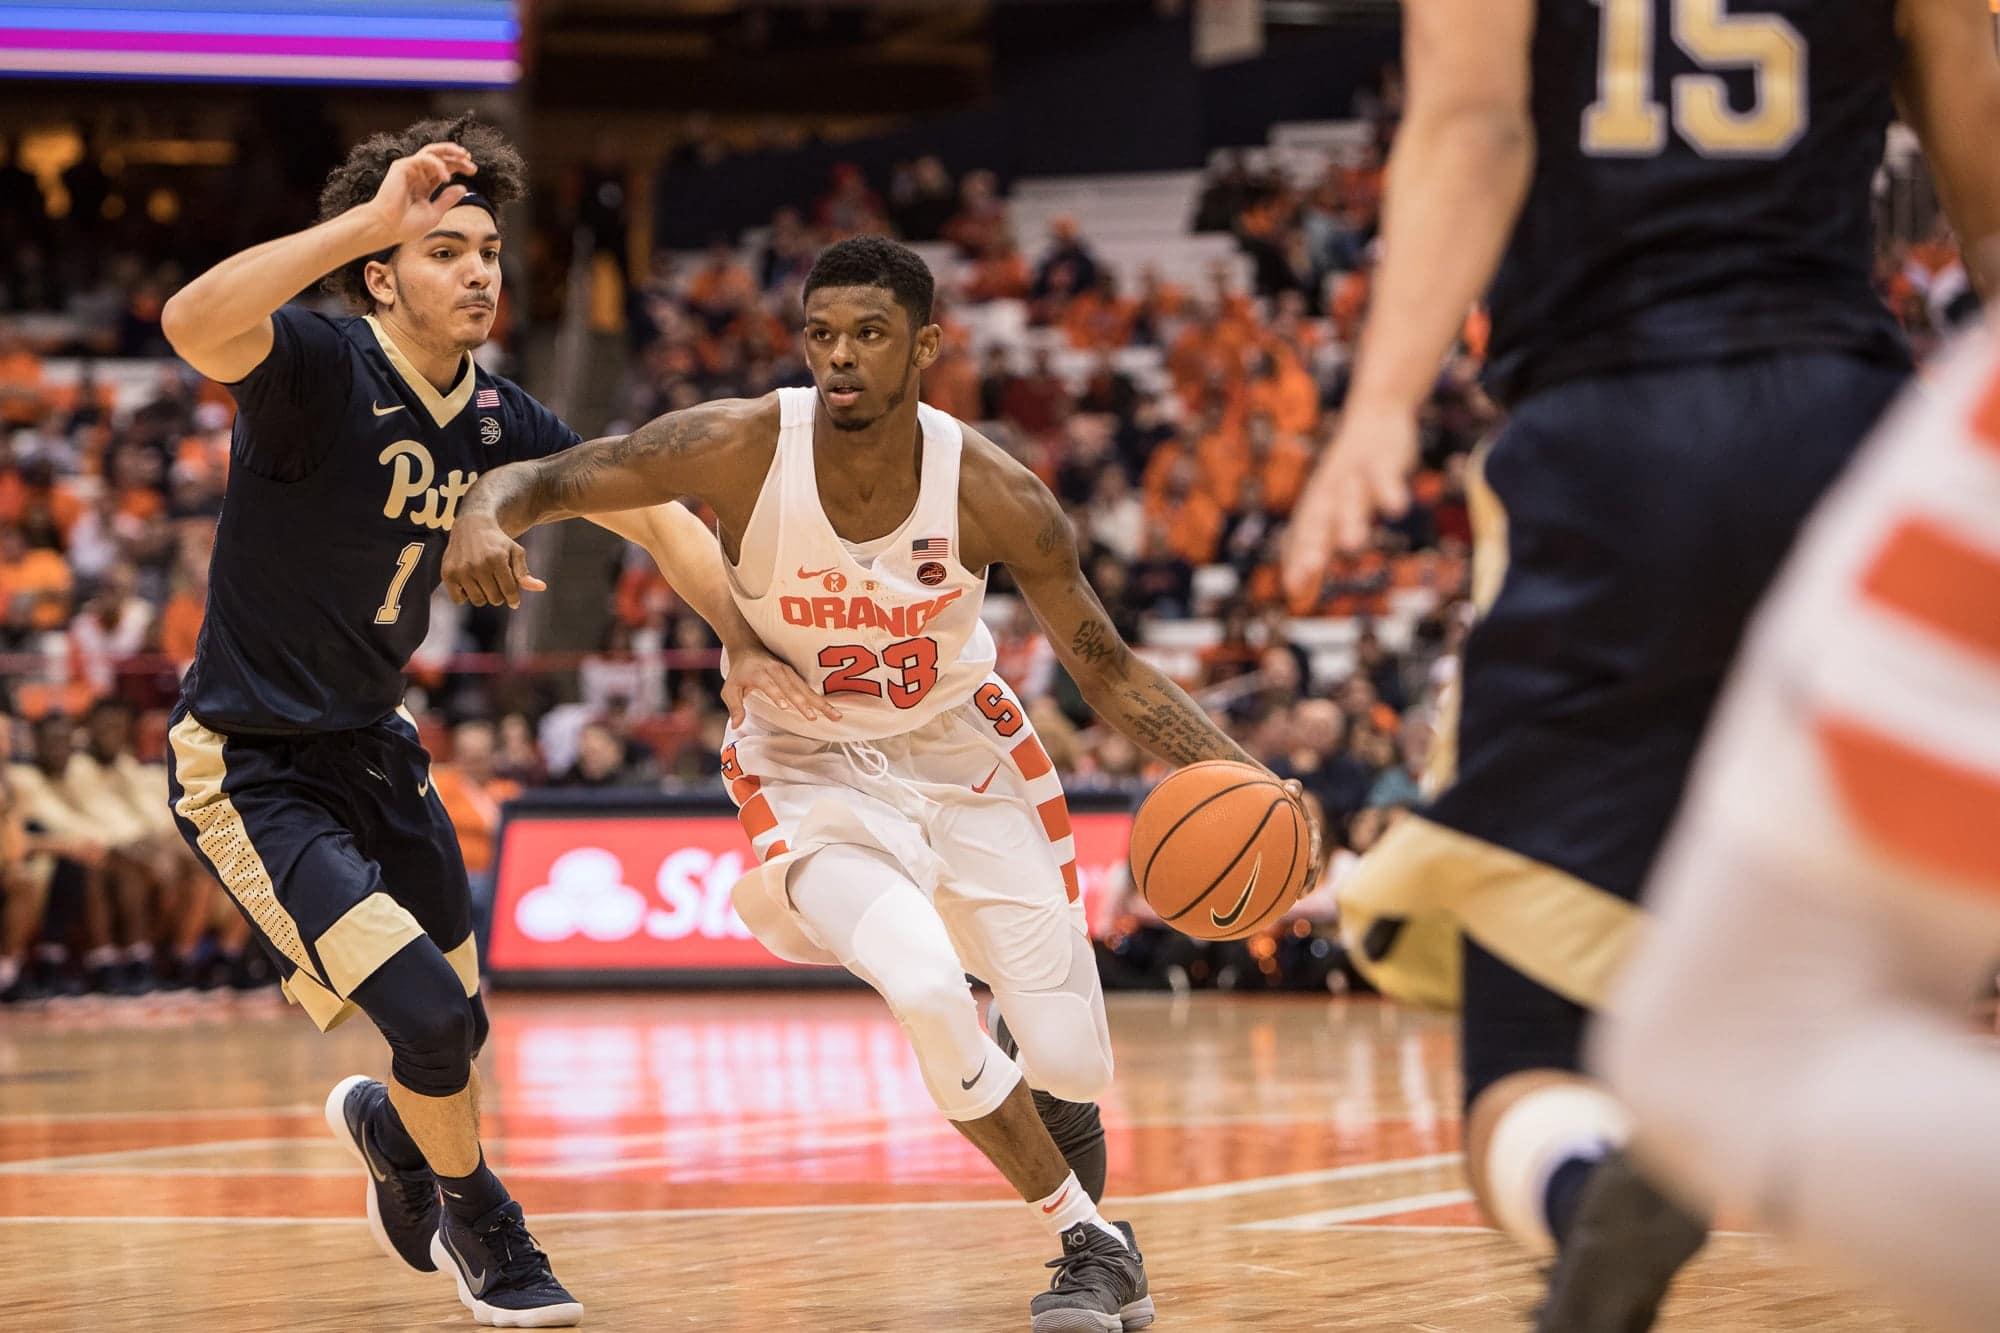 Men's basketball versus Pitt